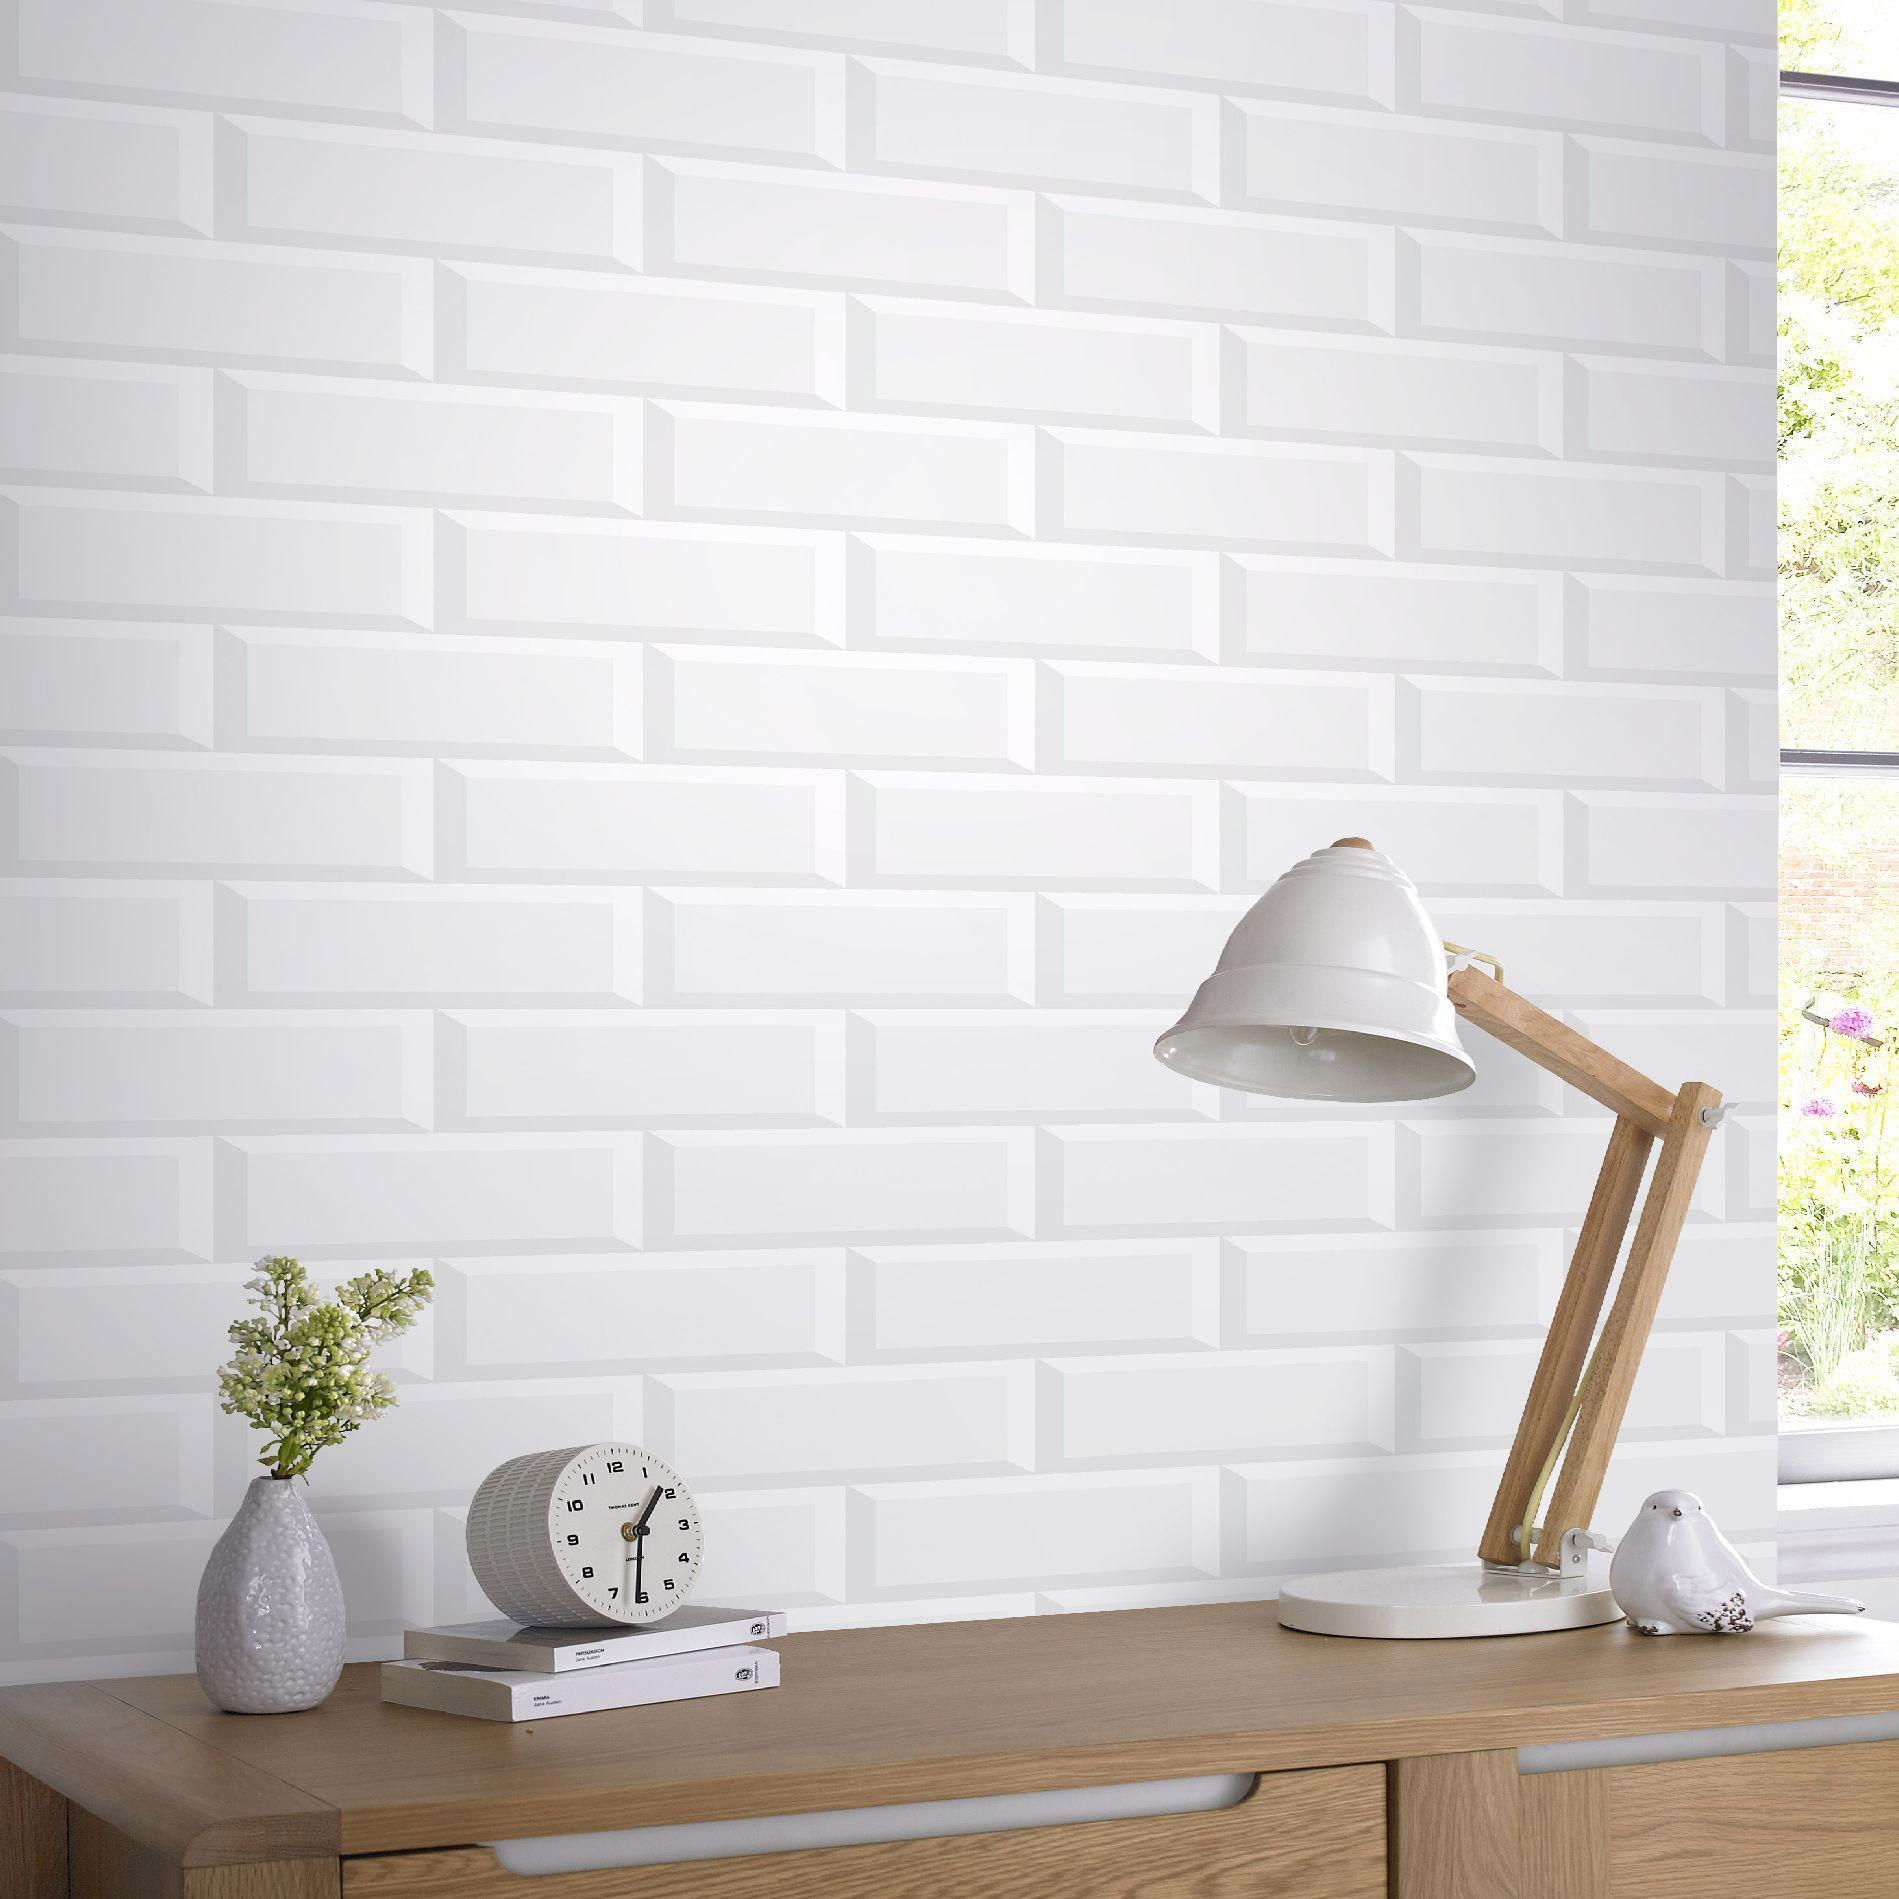 Papier Peint Brique Cuisine papier peint vinyle parisio briques métro blanc